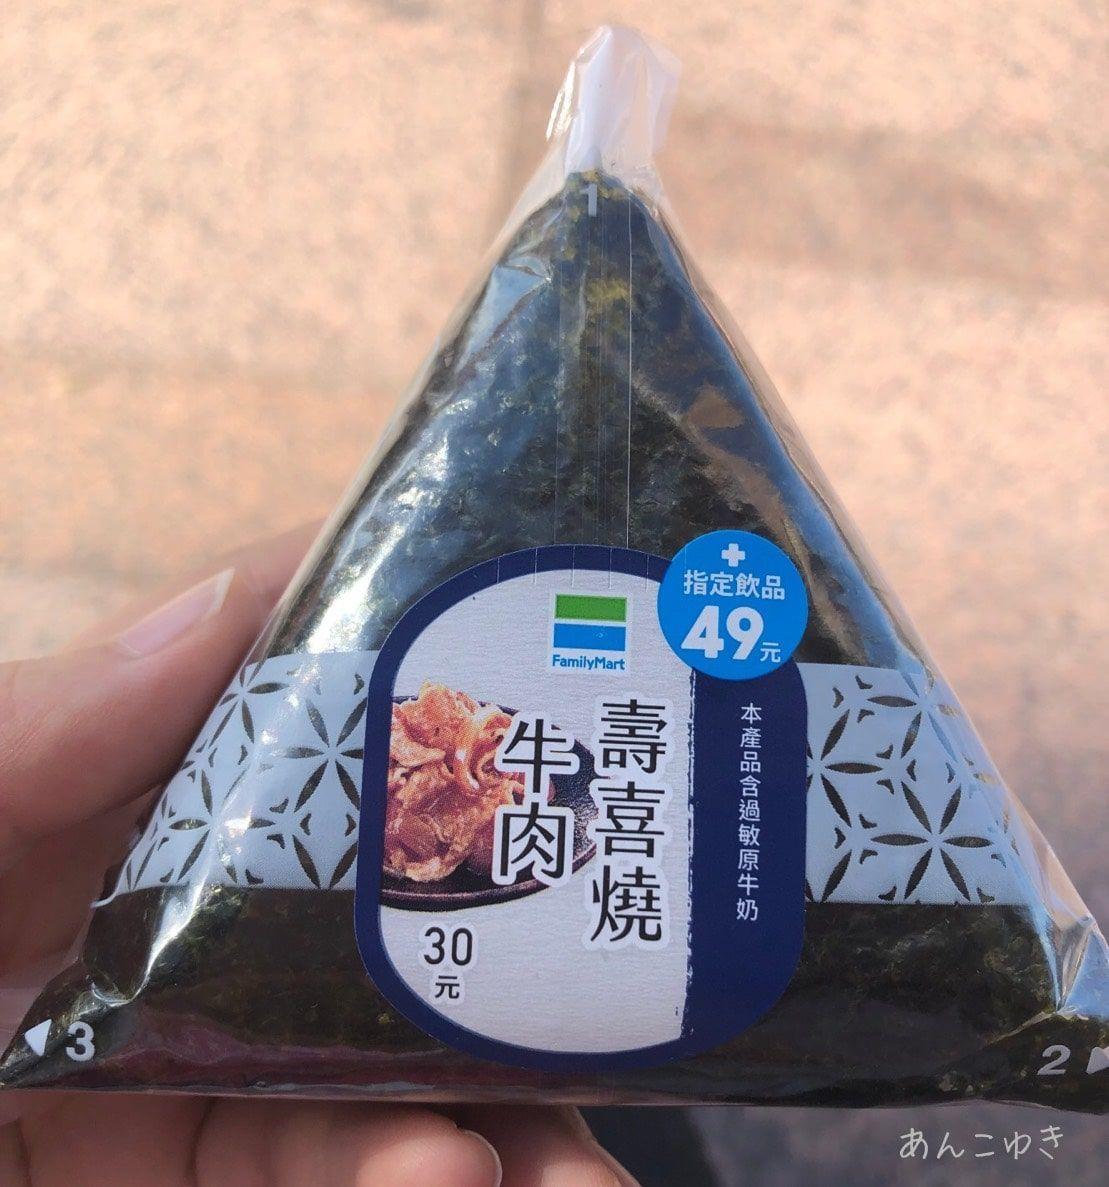 台湾の牛肉おにぎり